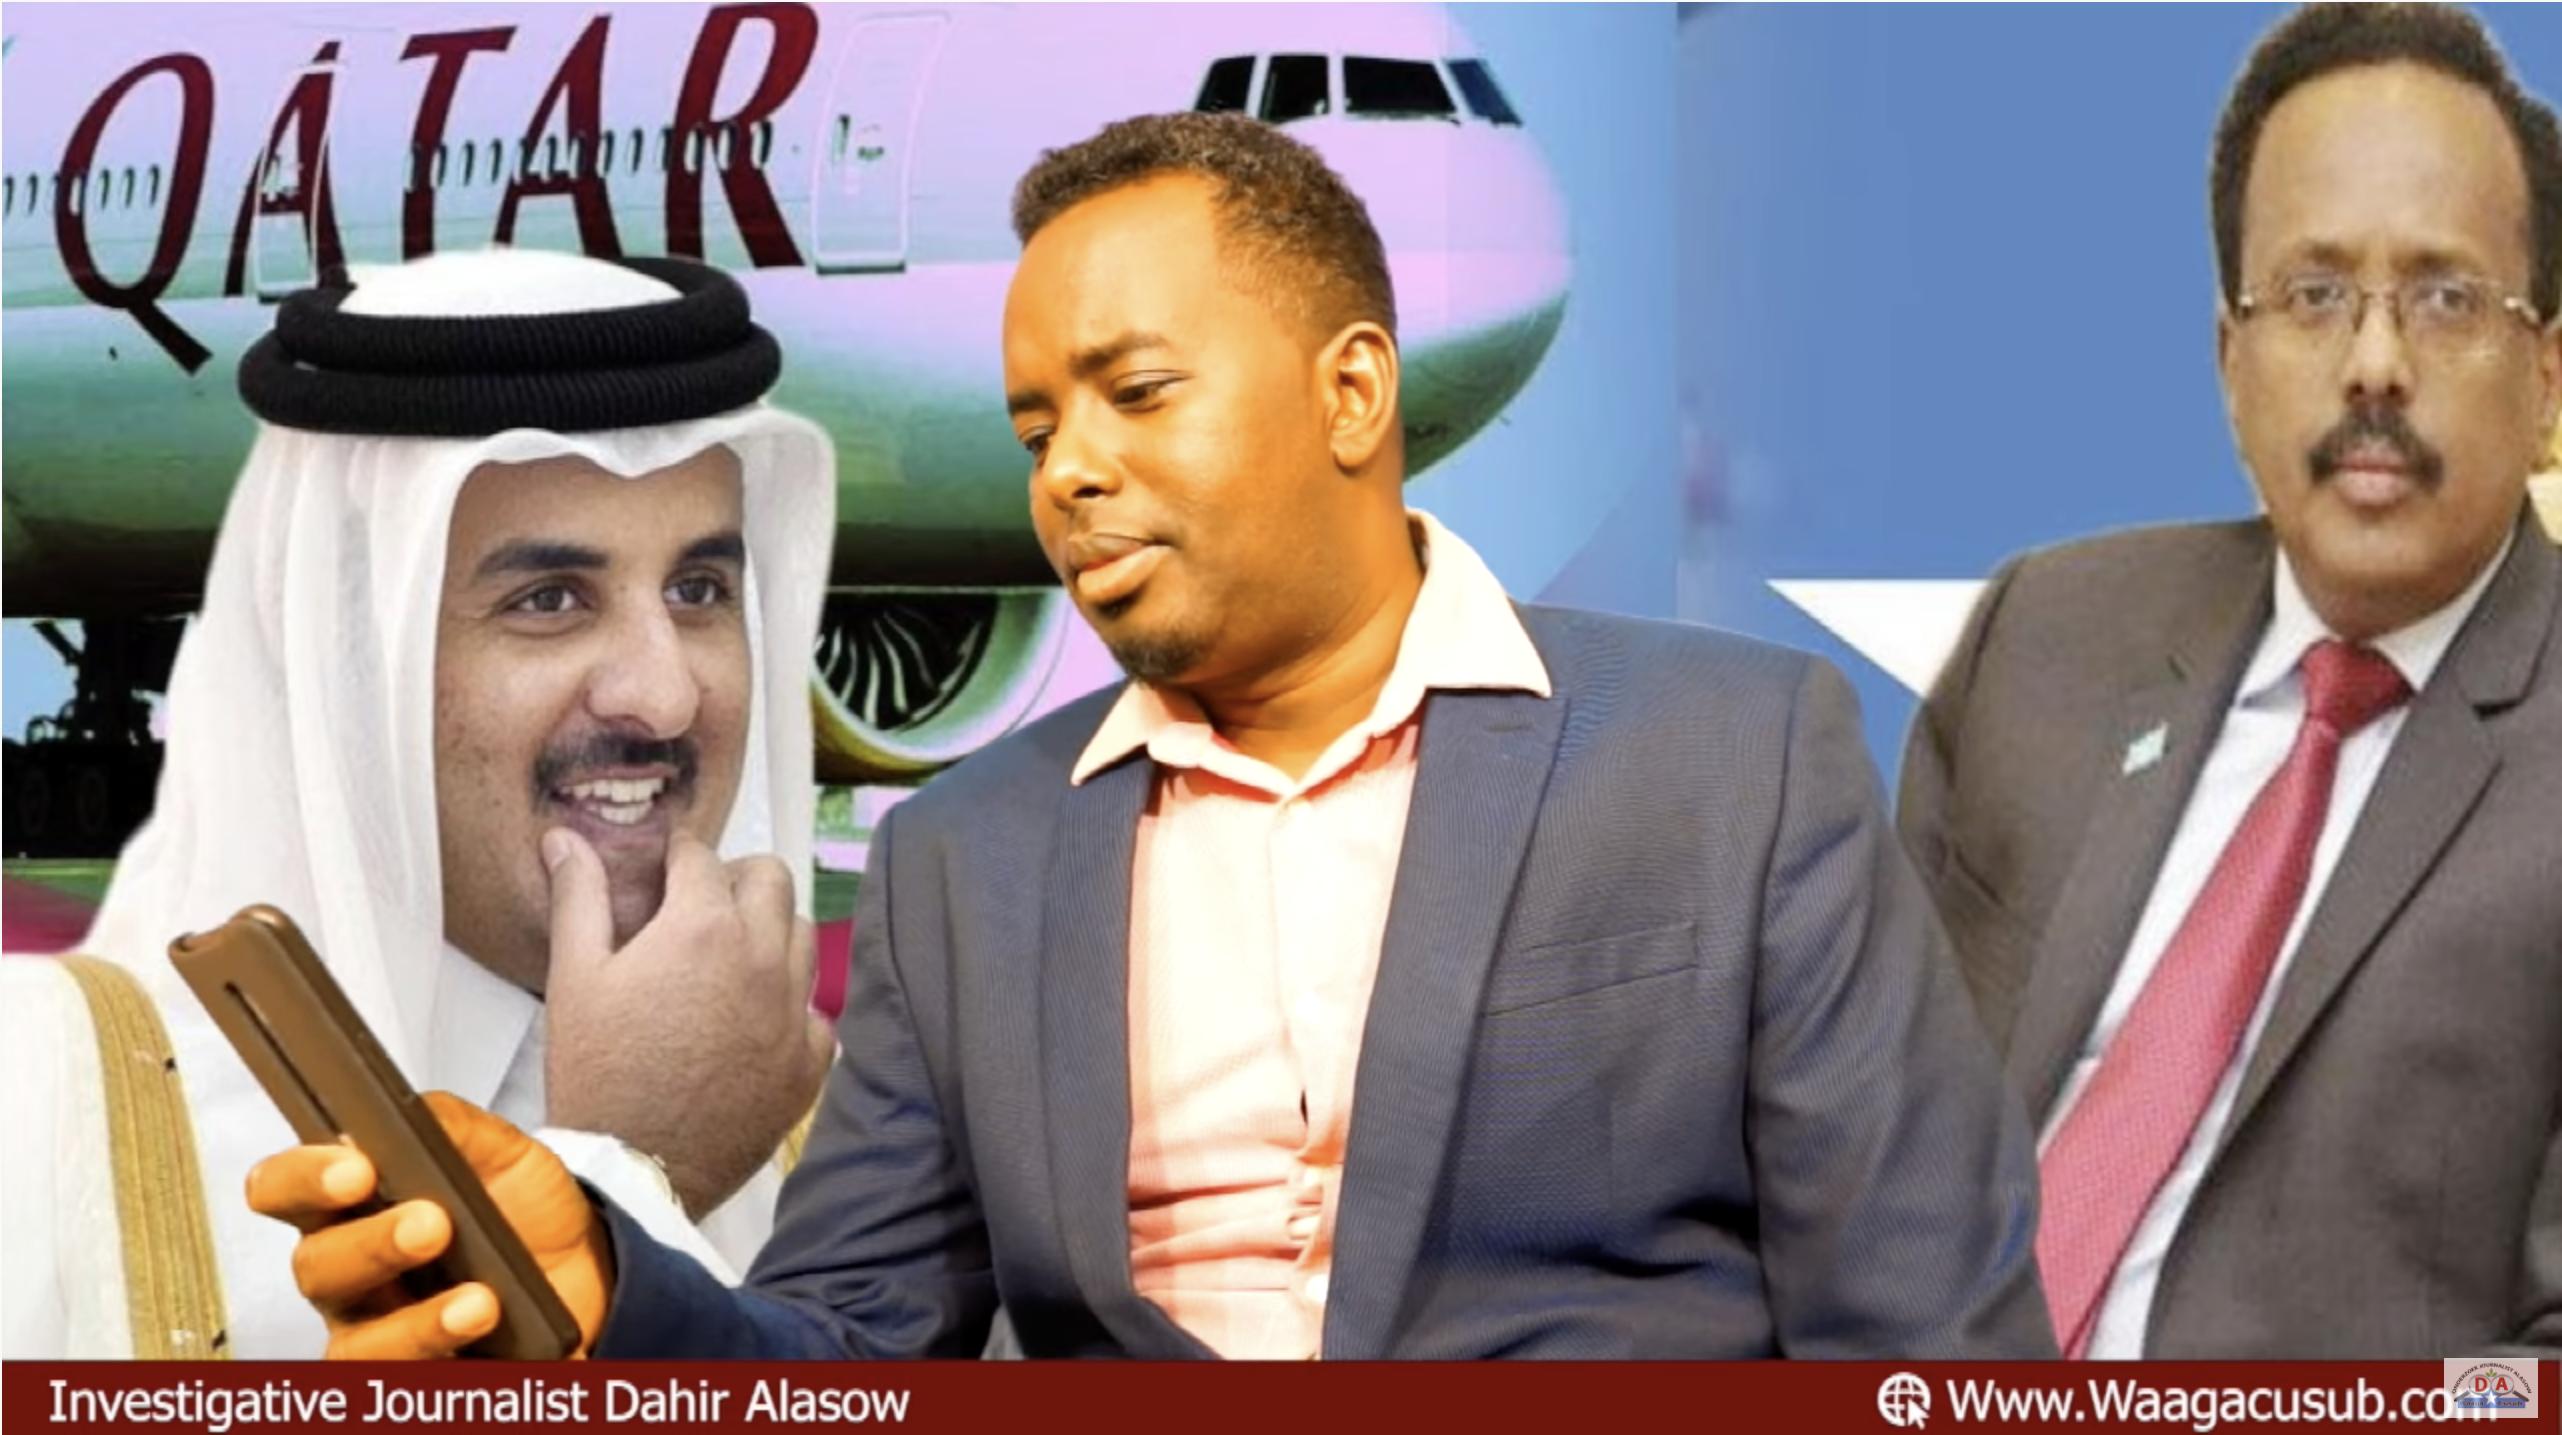 [Daawo] Ergayga Qatar oo xog yaab leh u sheegay Musharaxiinta iyo Saraakiishii gudigga badbaado Qaran oo guddi magacaabay la shiraa Rooble